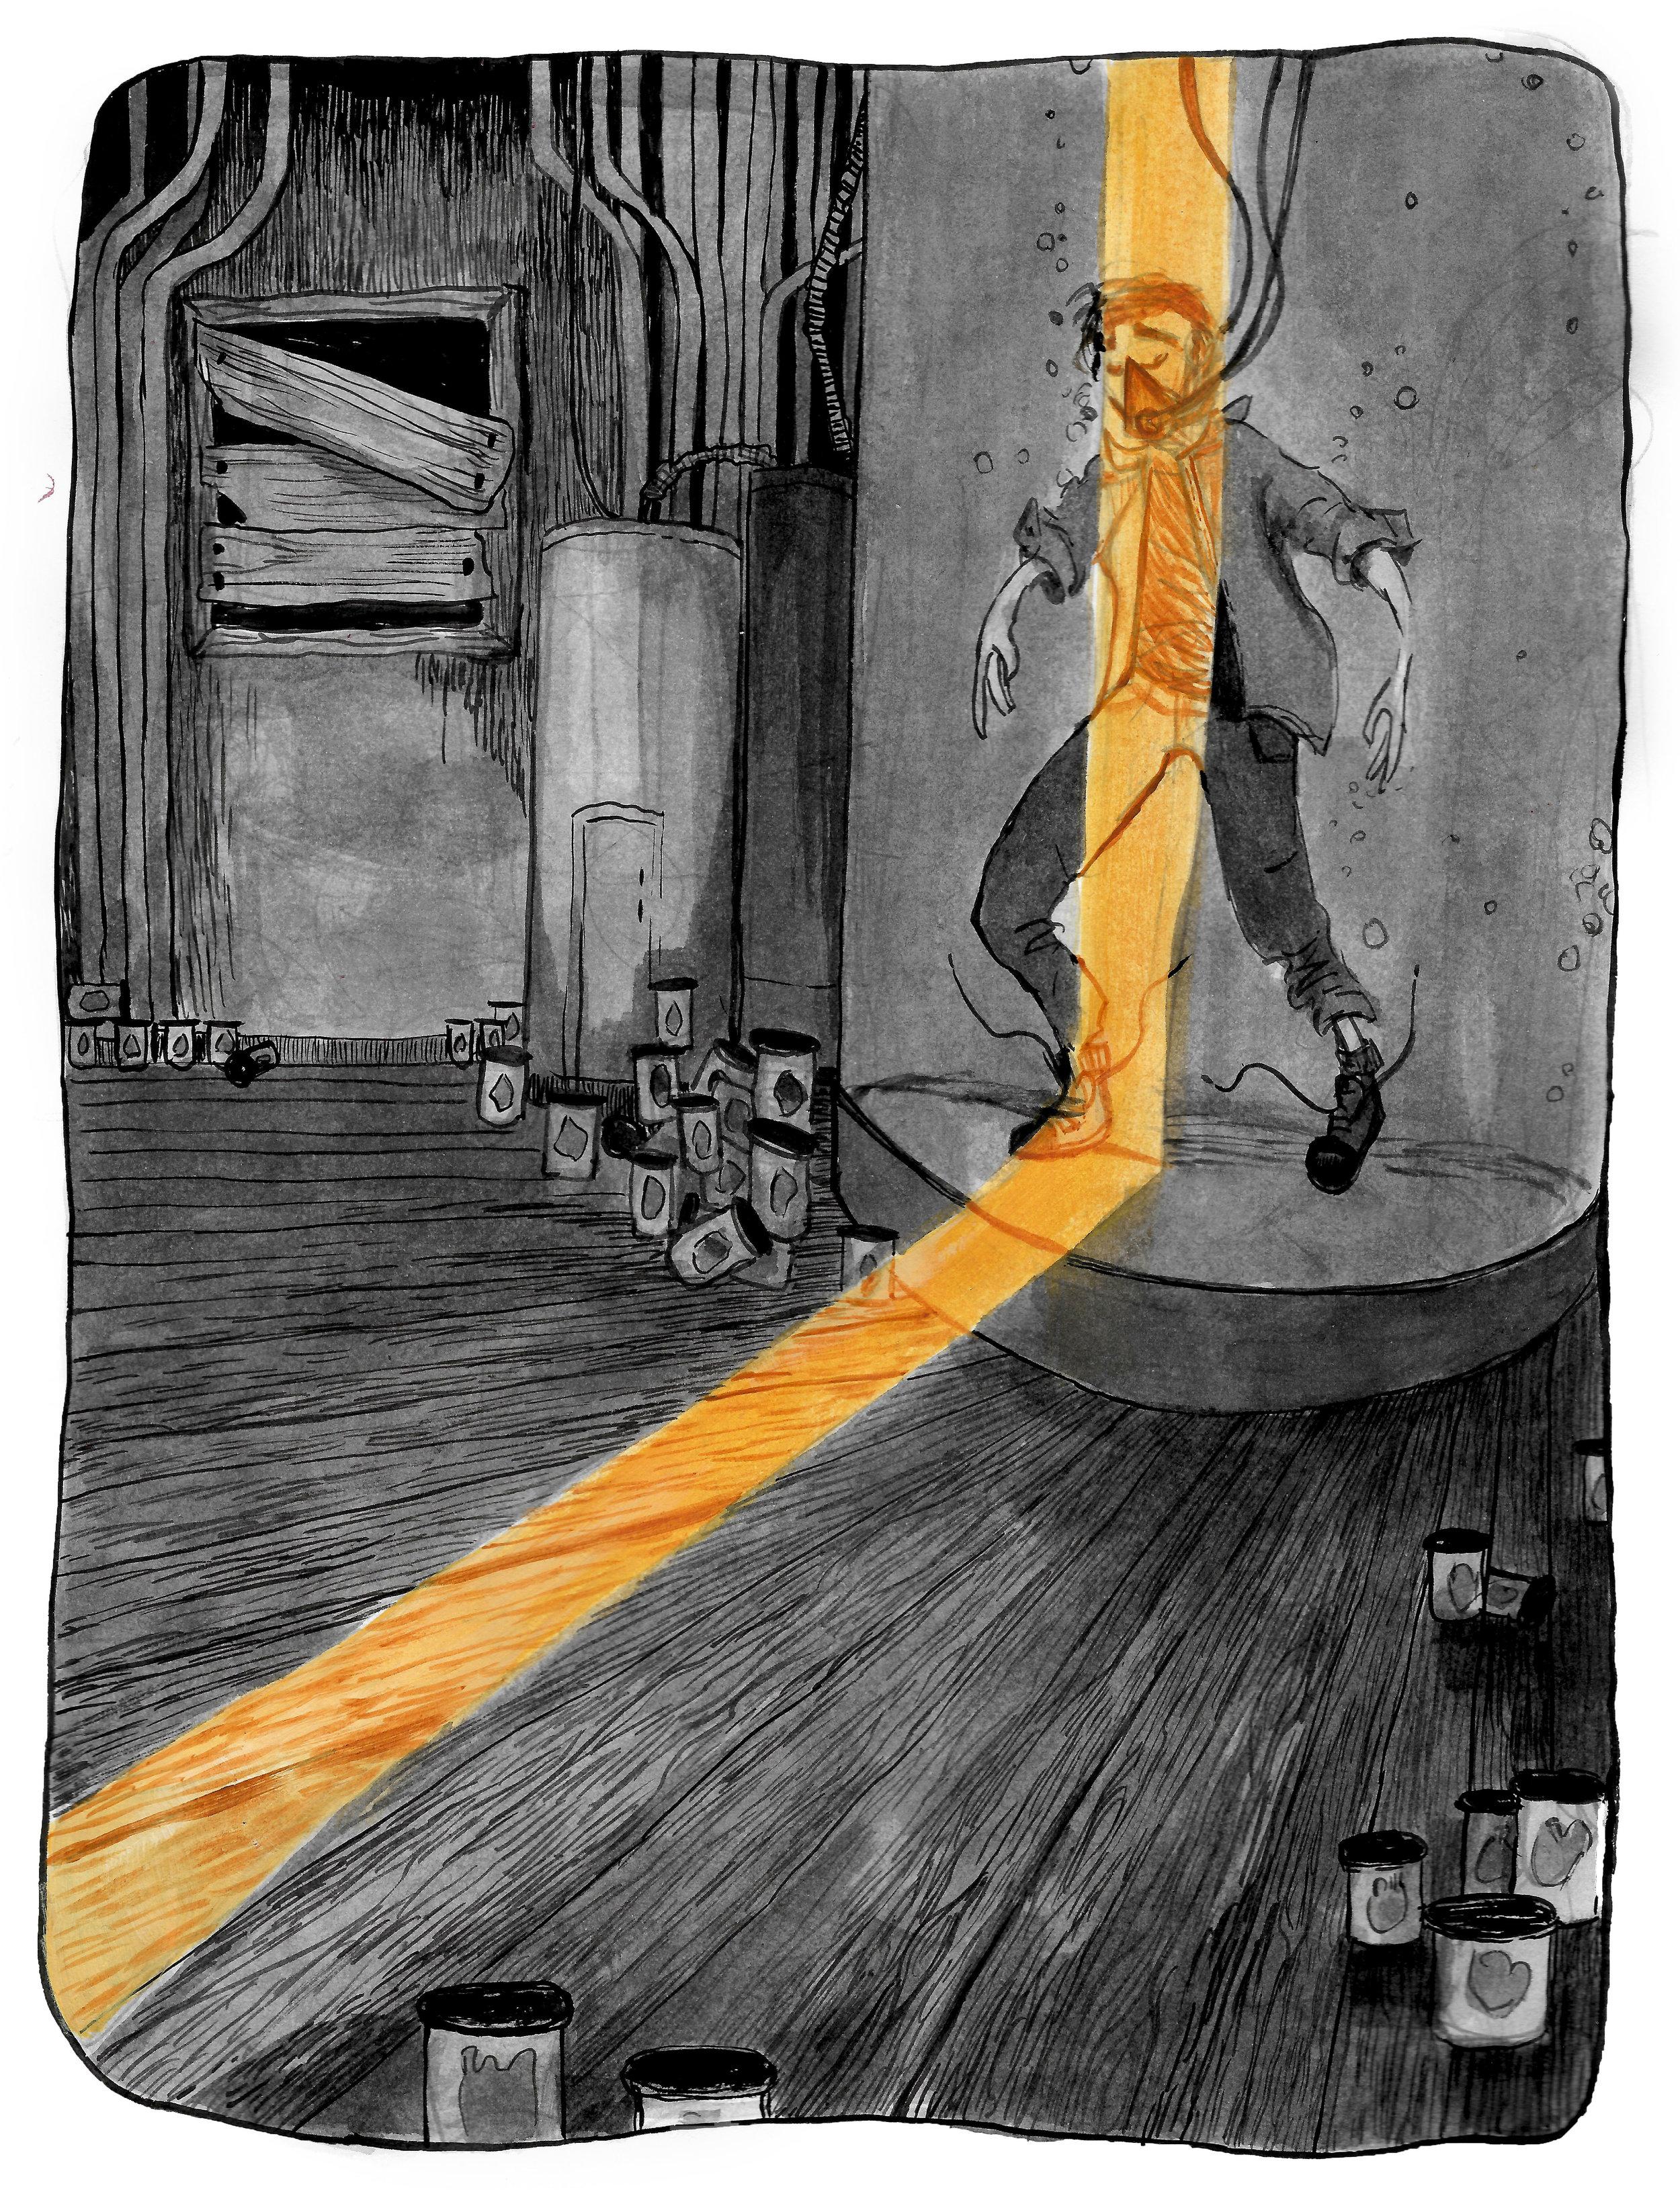 The Heart in the Jar: Web Comic by Kerilynn Wilson